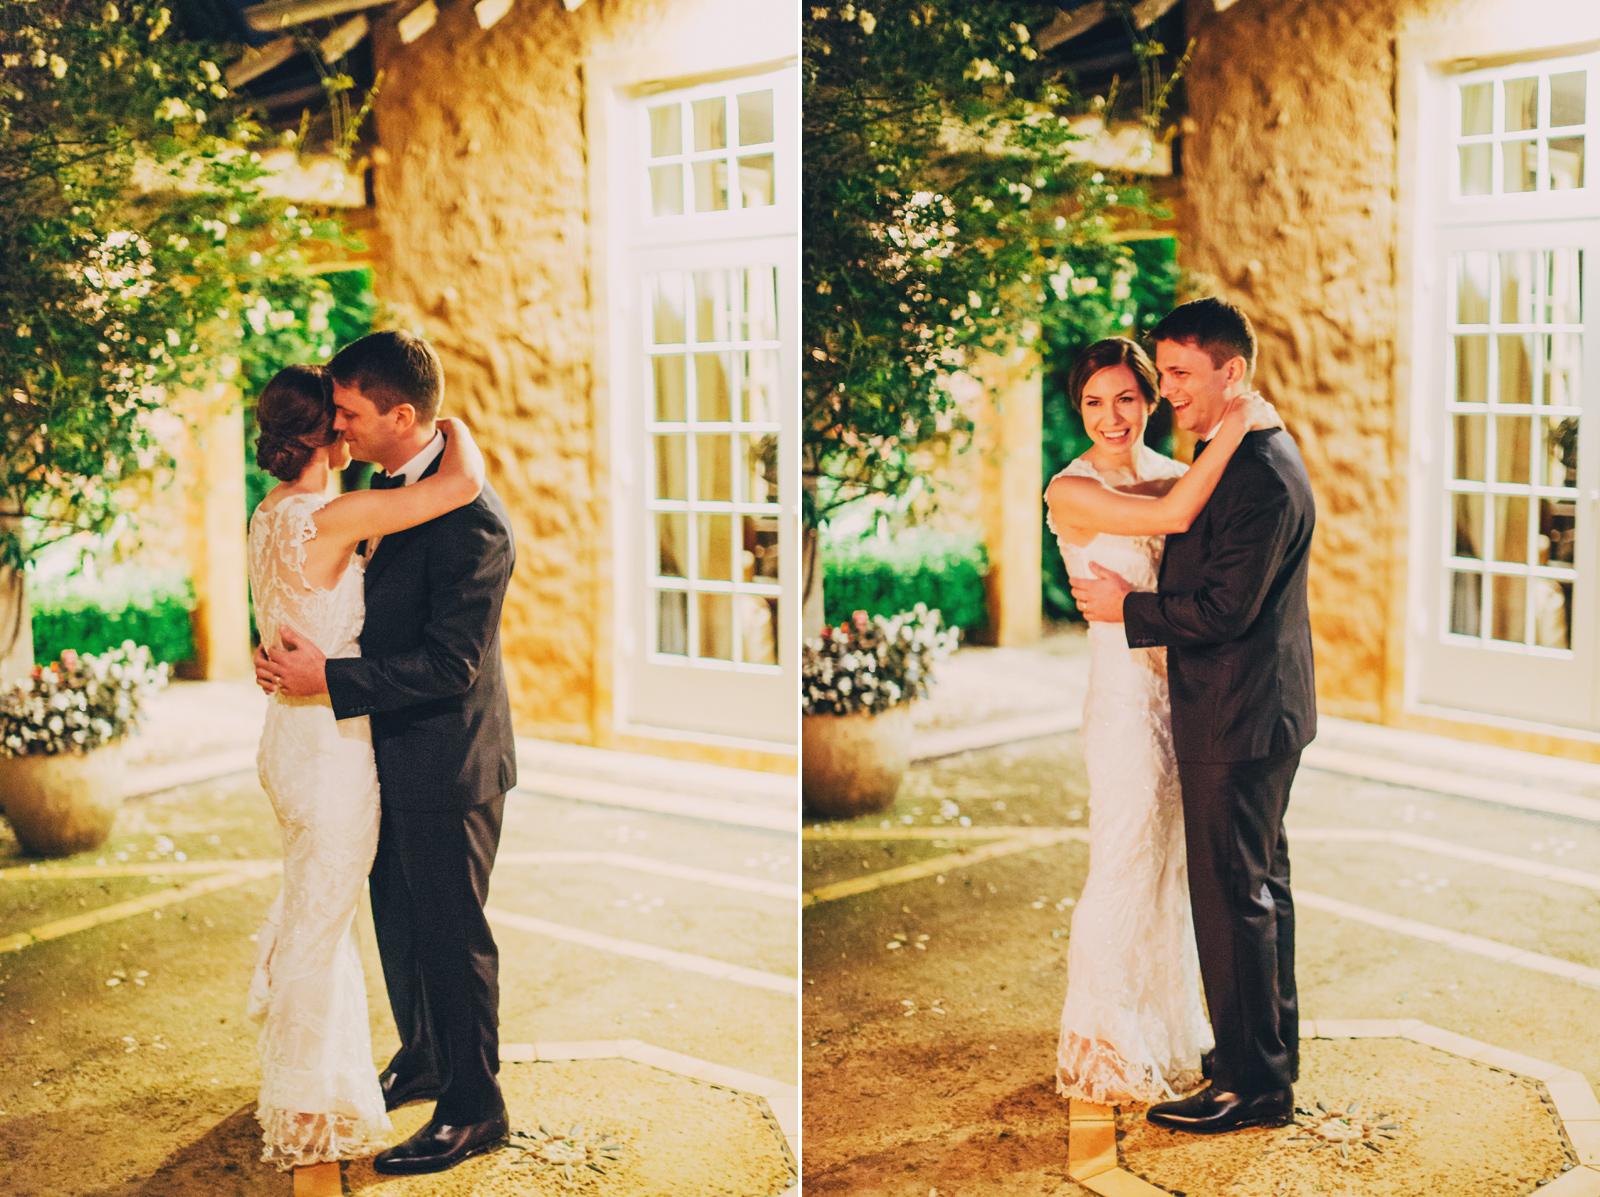 Hilary-&-Darren-Married---0851